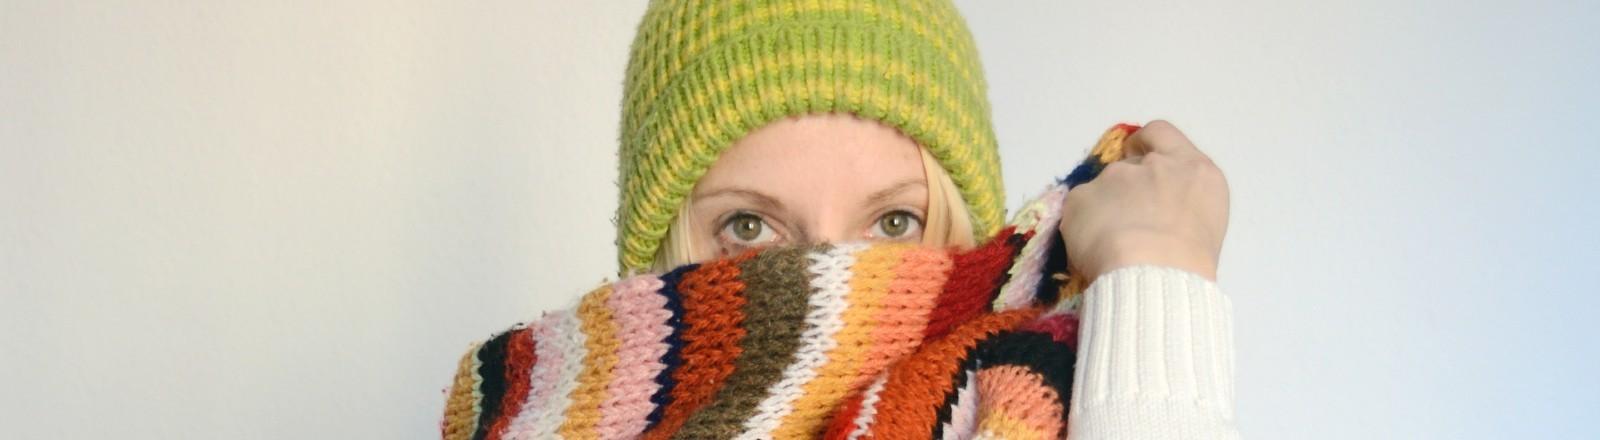 Eine Frau trägt Mütze und einen Schal.